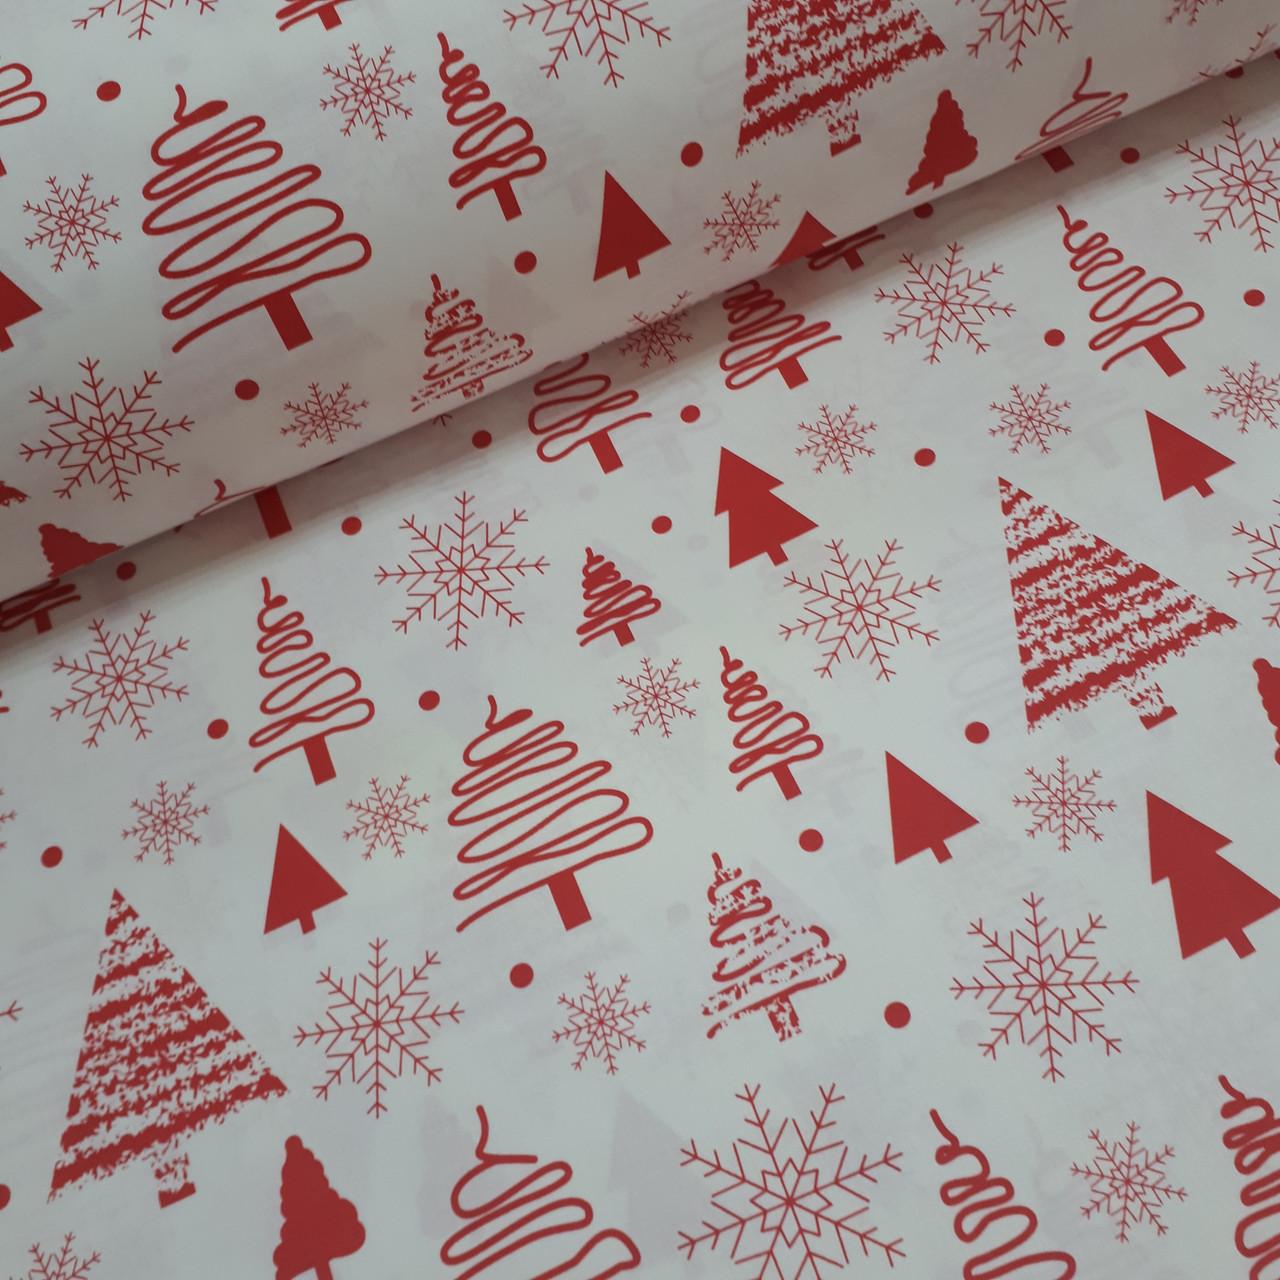 Ткань новогодняя хлопковая, красные елочки и снежинки на белом